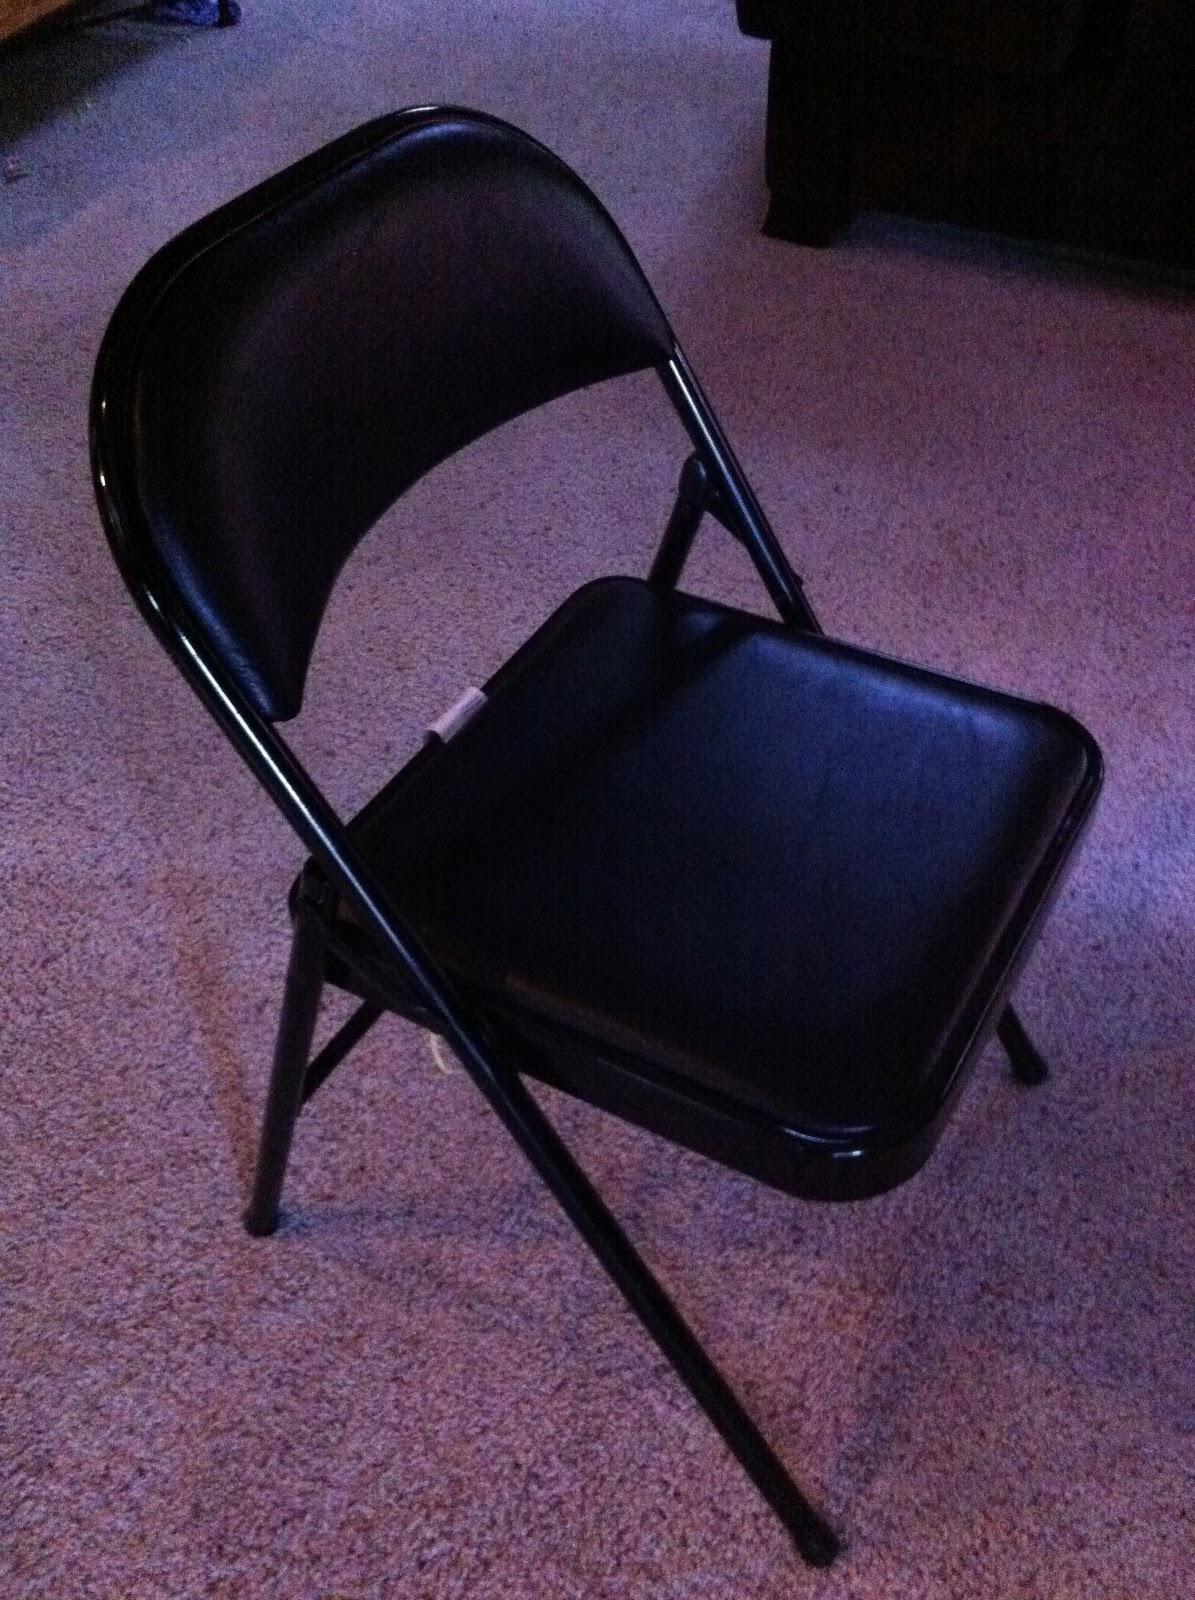 a chair affair bath lift chairs canada rethink crafts